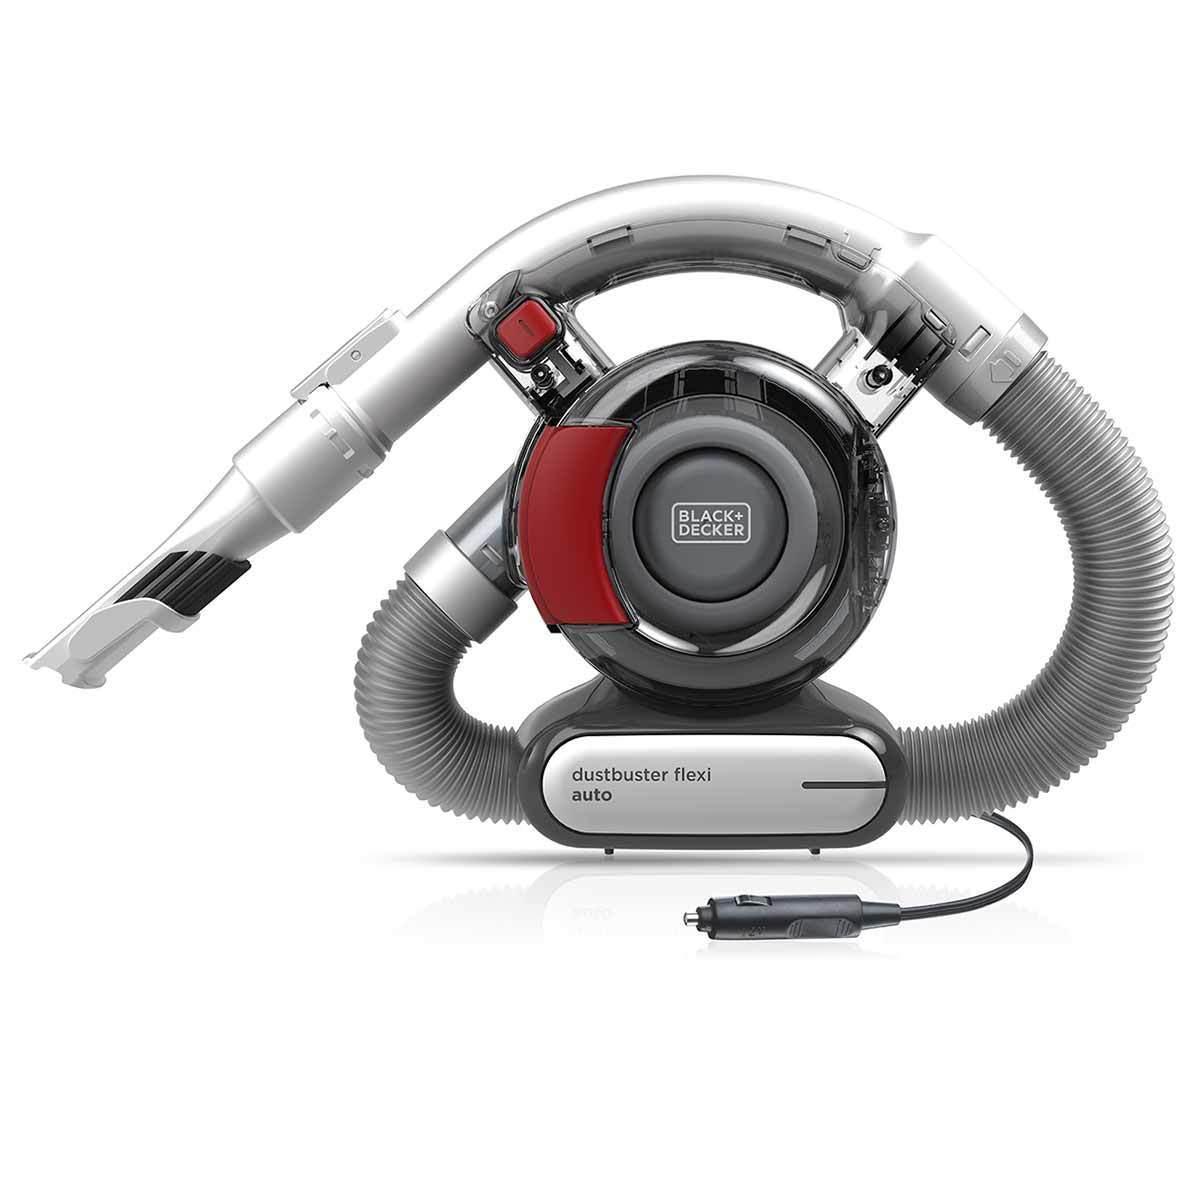 Black and Decker 12V DC Flexi Car Vacuum £30.99 @ Costco